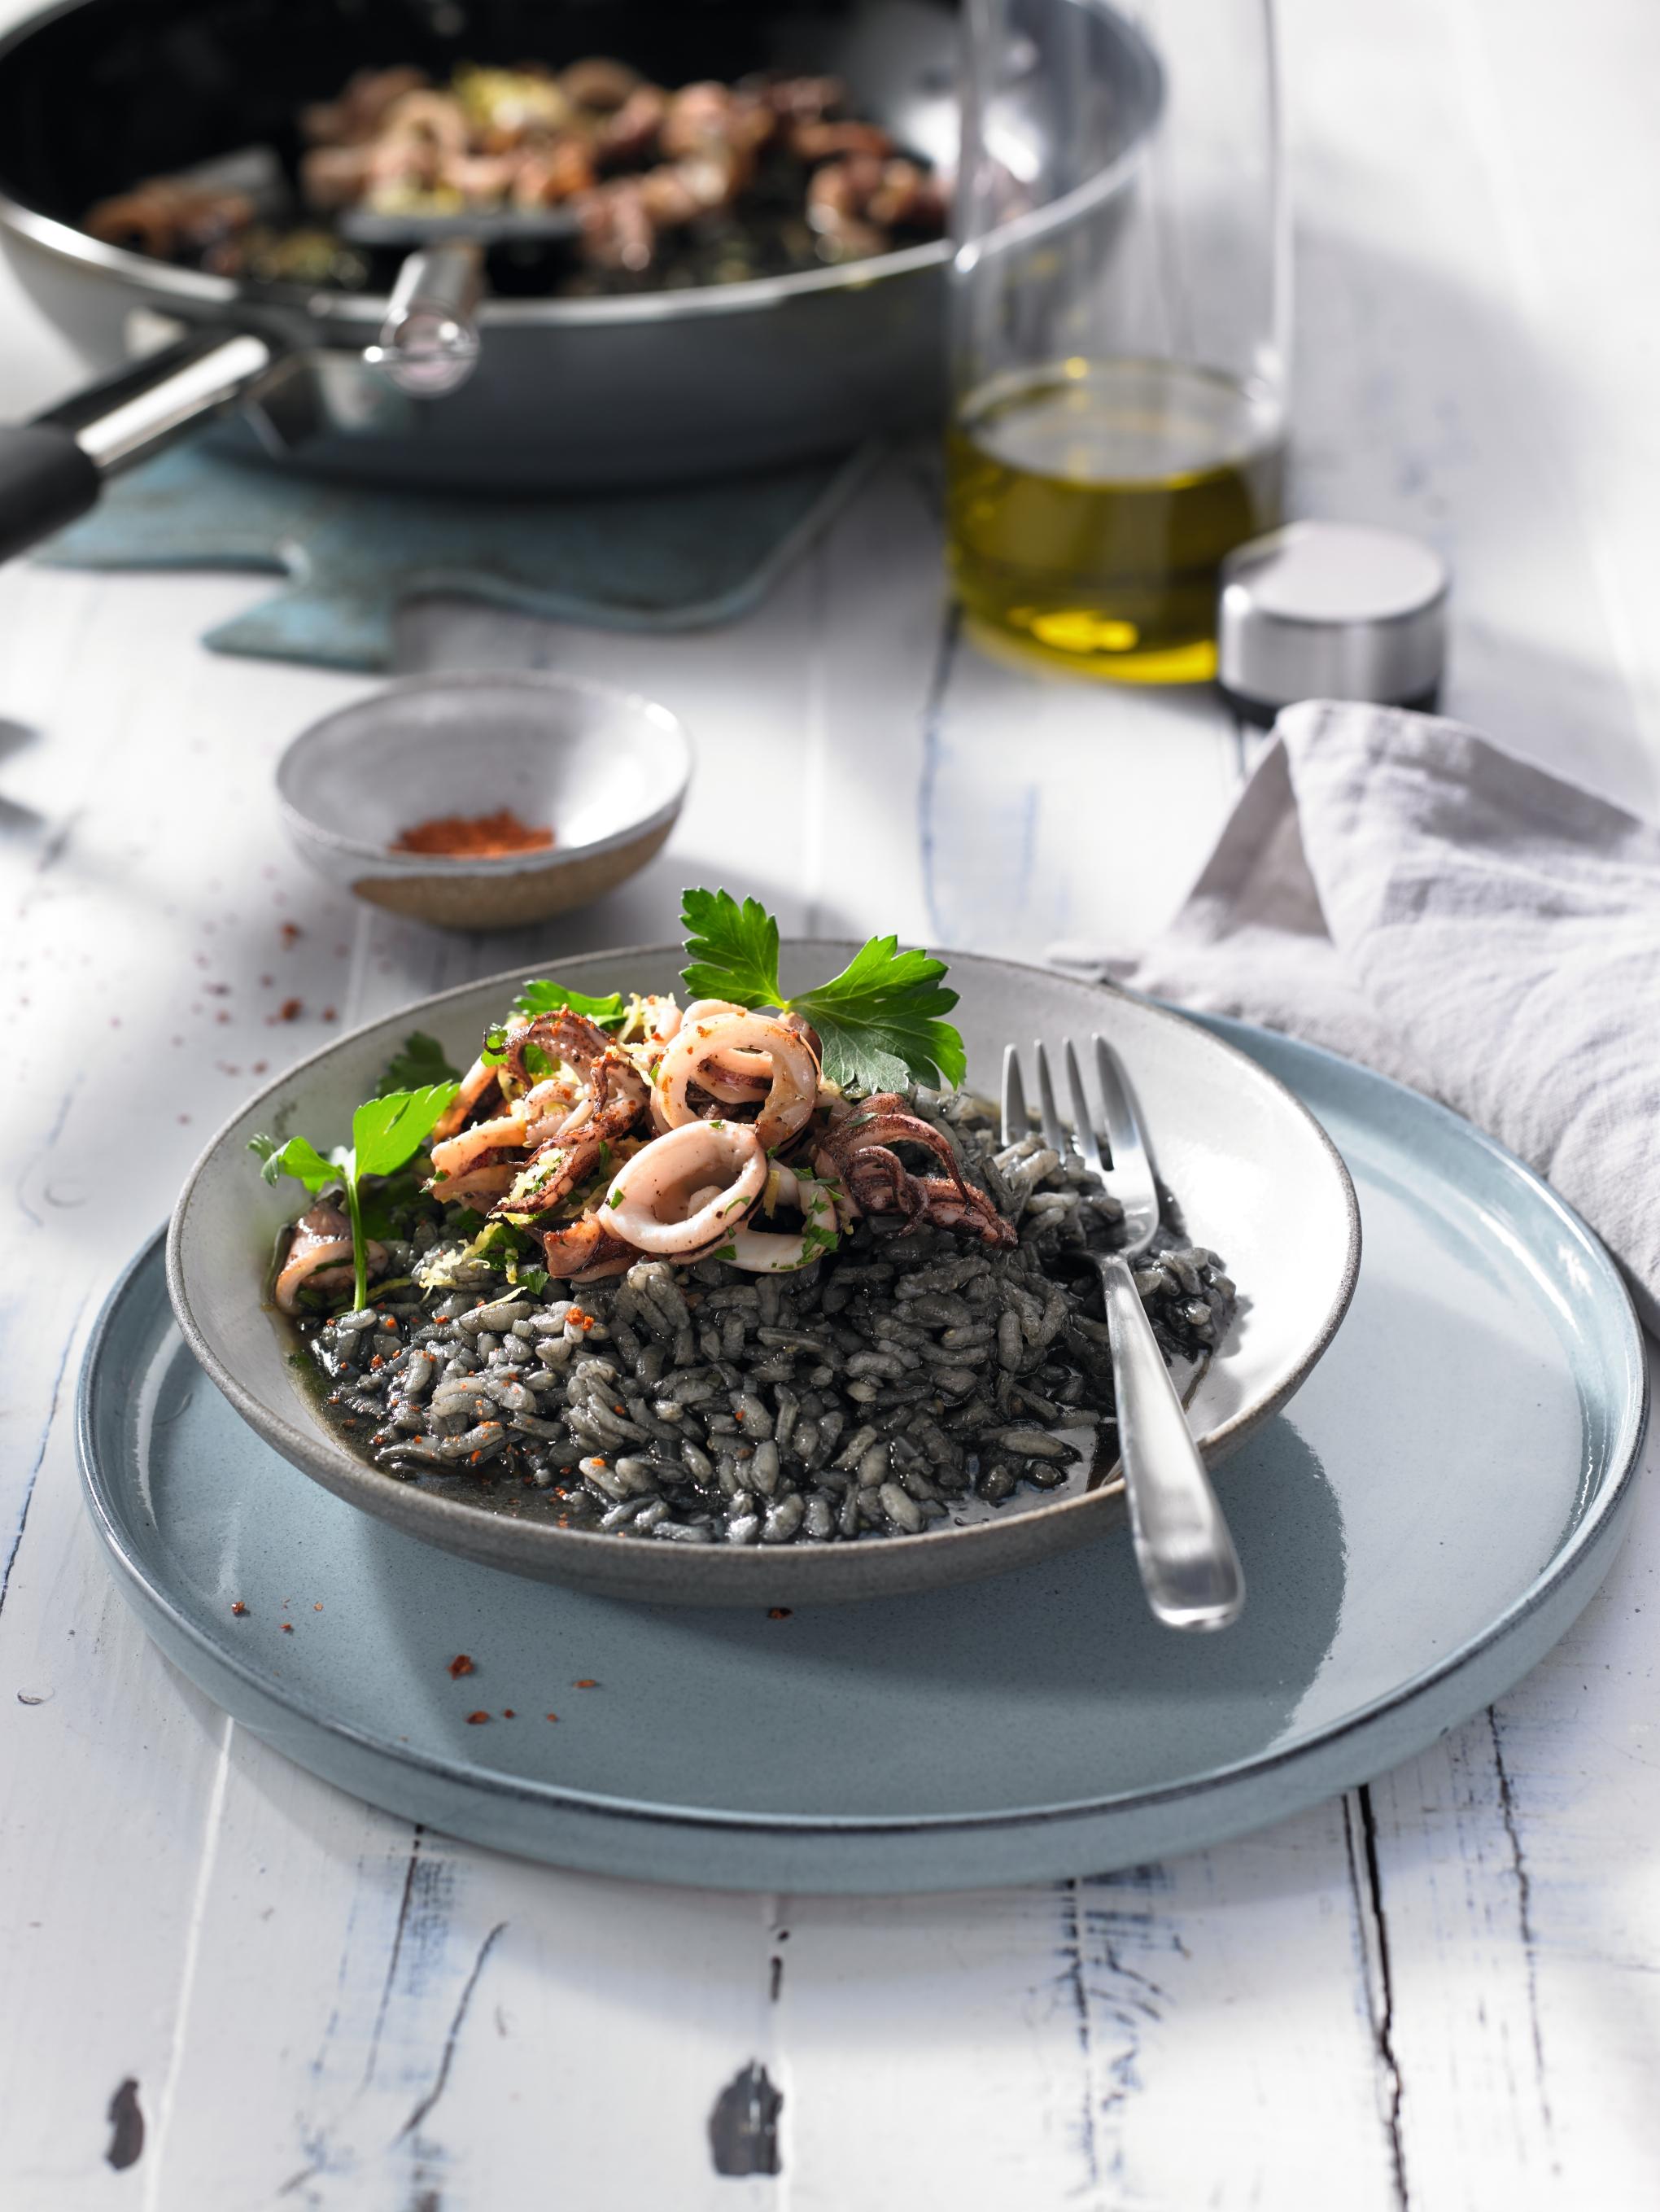 Ustalıkla bir araya getirilen malzemelerden kusursuz pişirme deneyimine